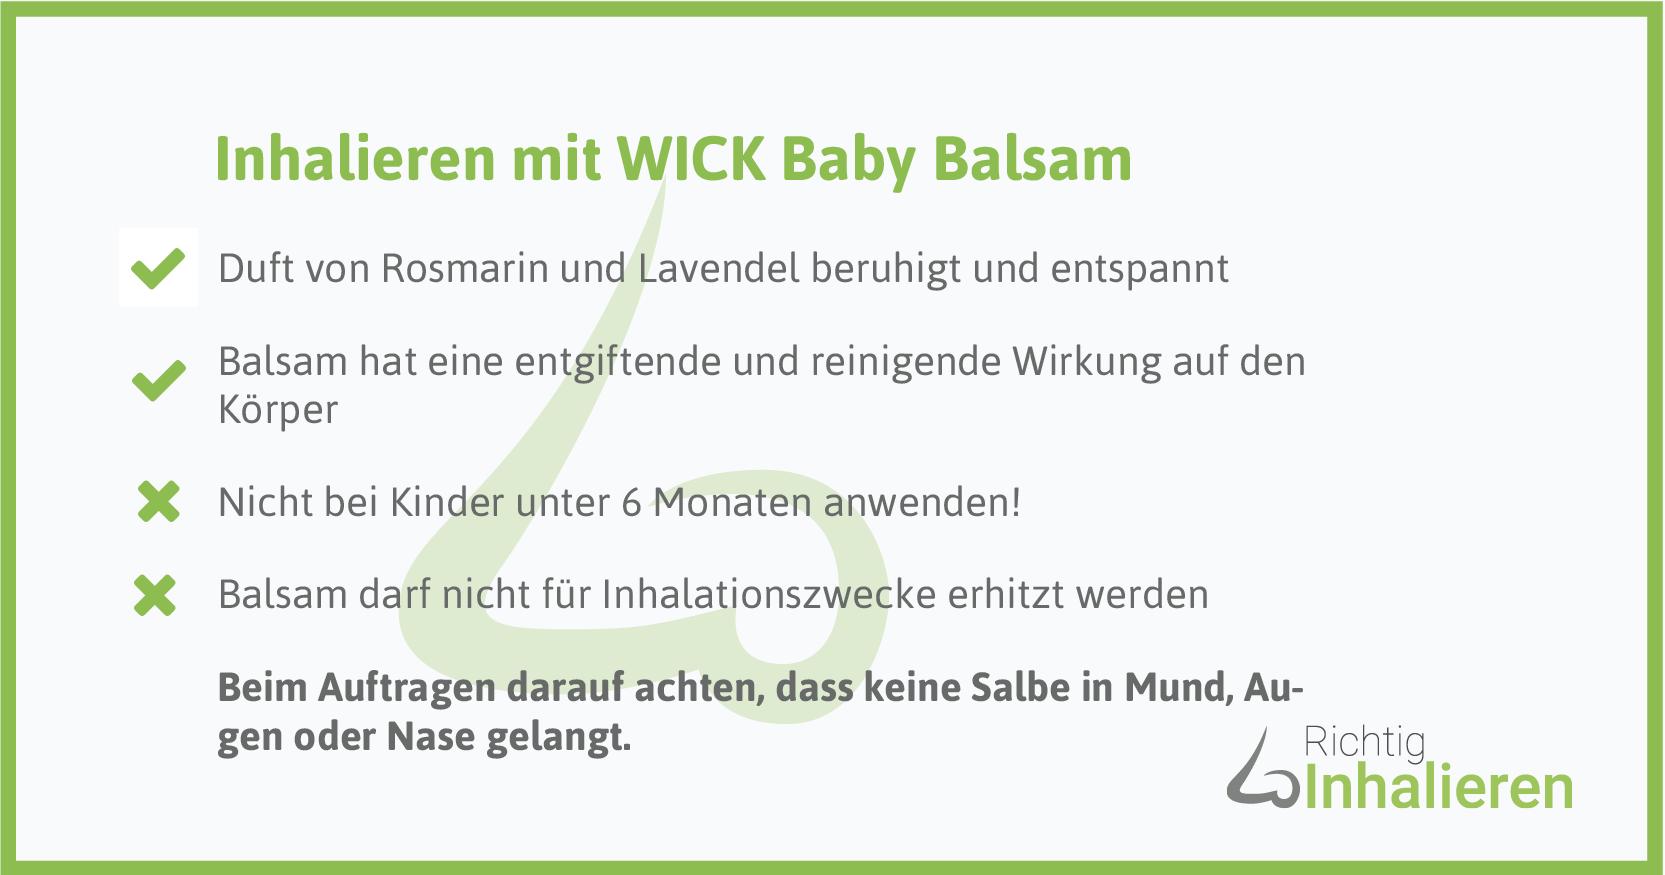 Richtig inhalieren mit Wick Baby Balsam